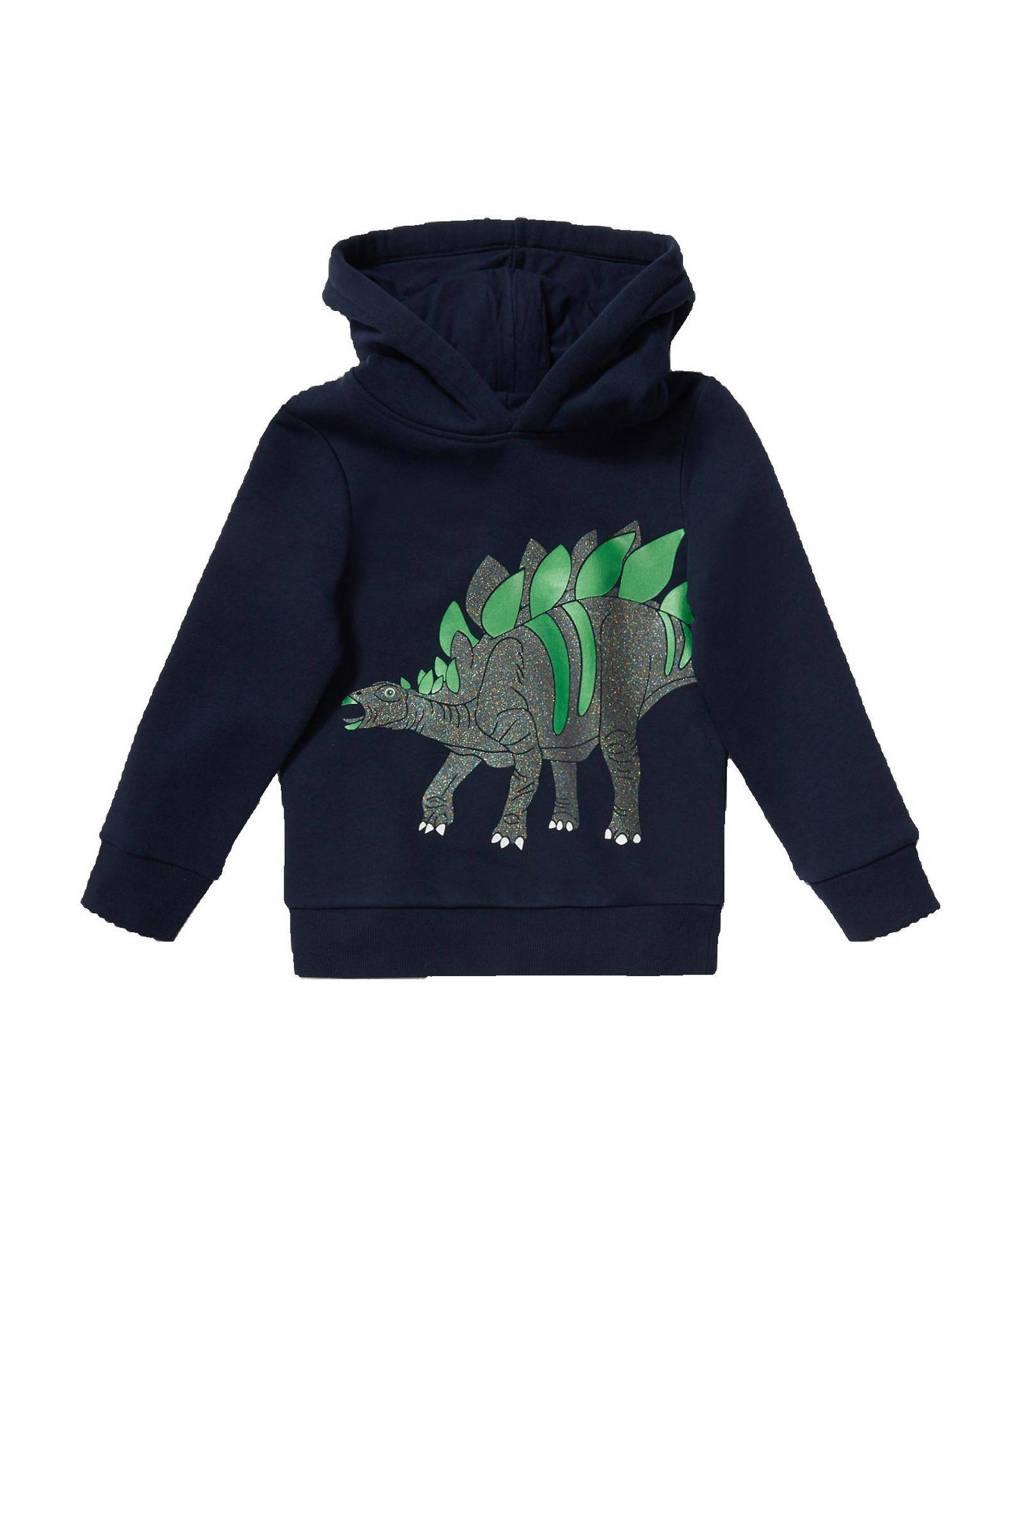 C&A Palomino hoodie met printopdruk donkerblauw/groen, Donkerblauw/groen